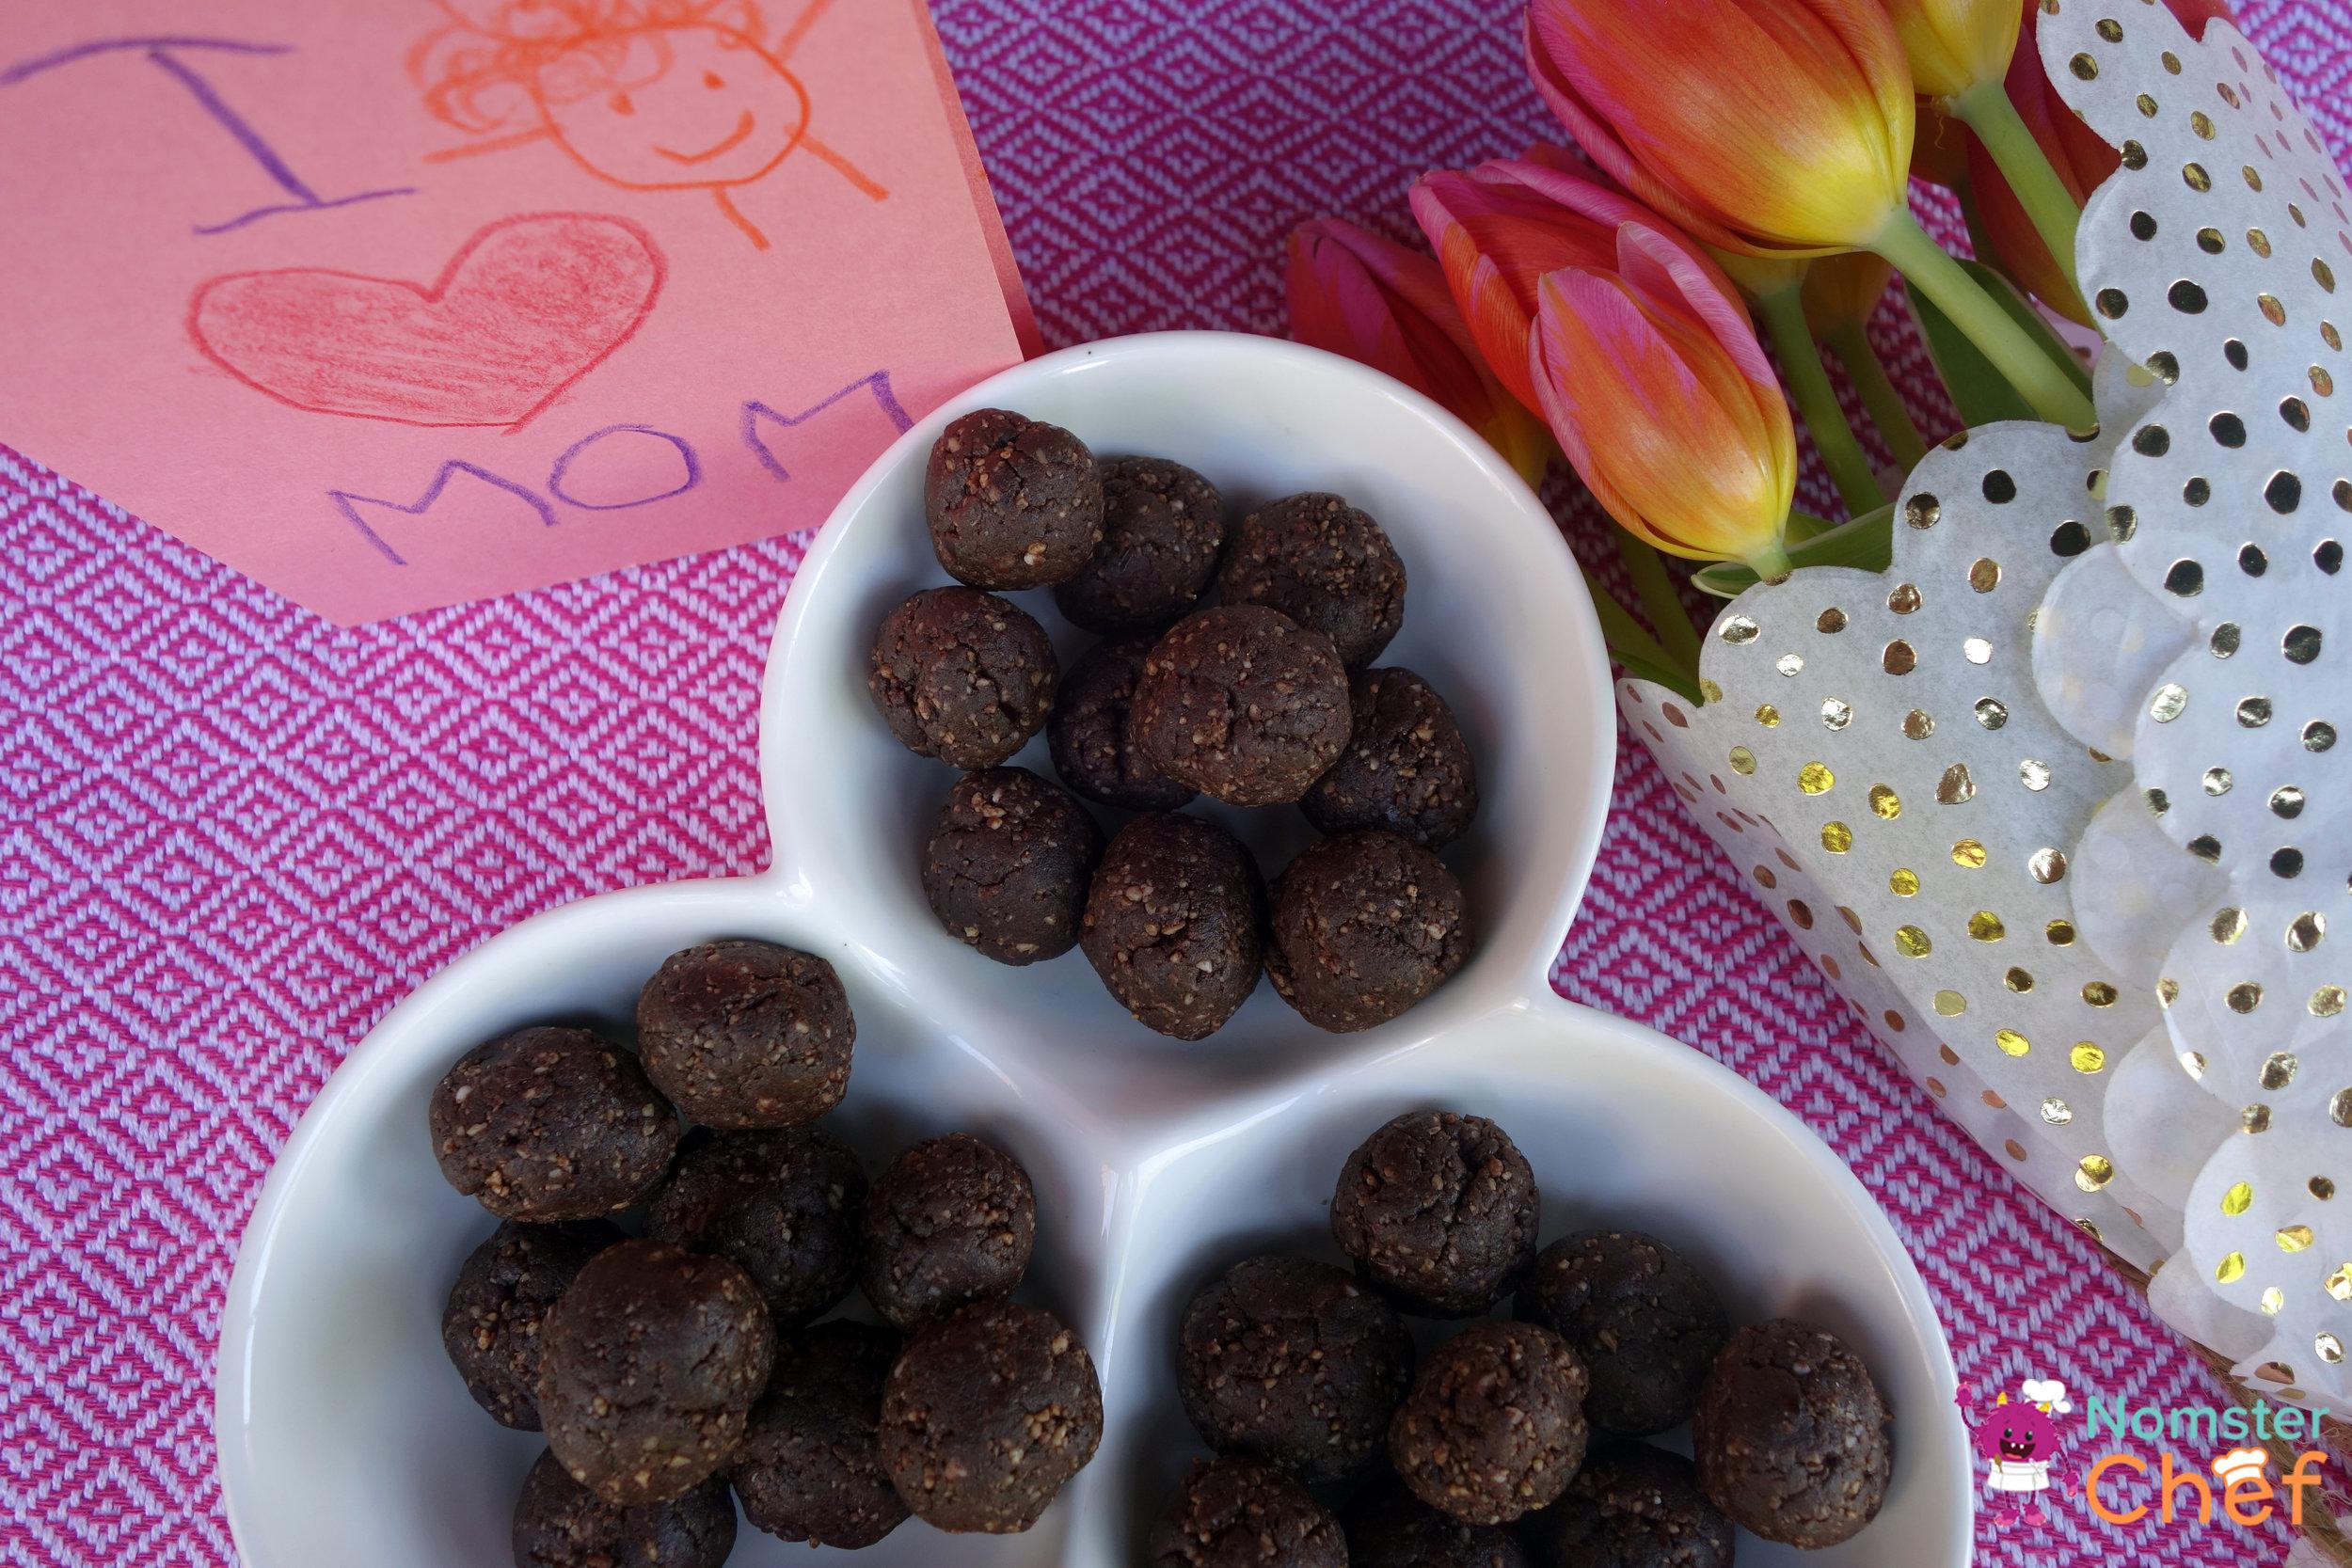 chocolate date truffle header pic_horizontal_with watermark.jpg